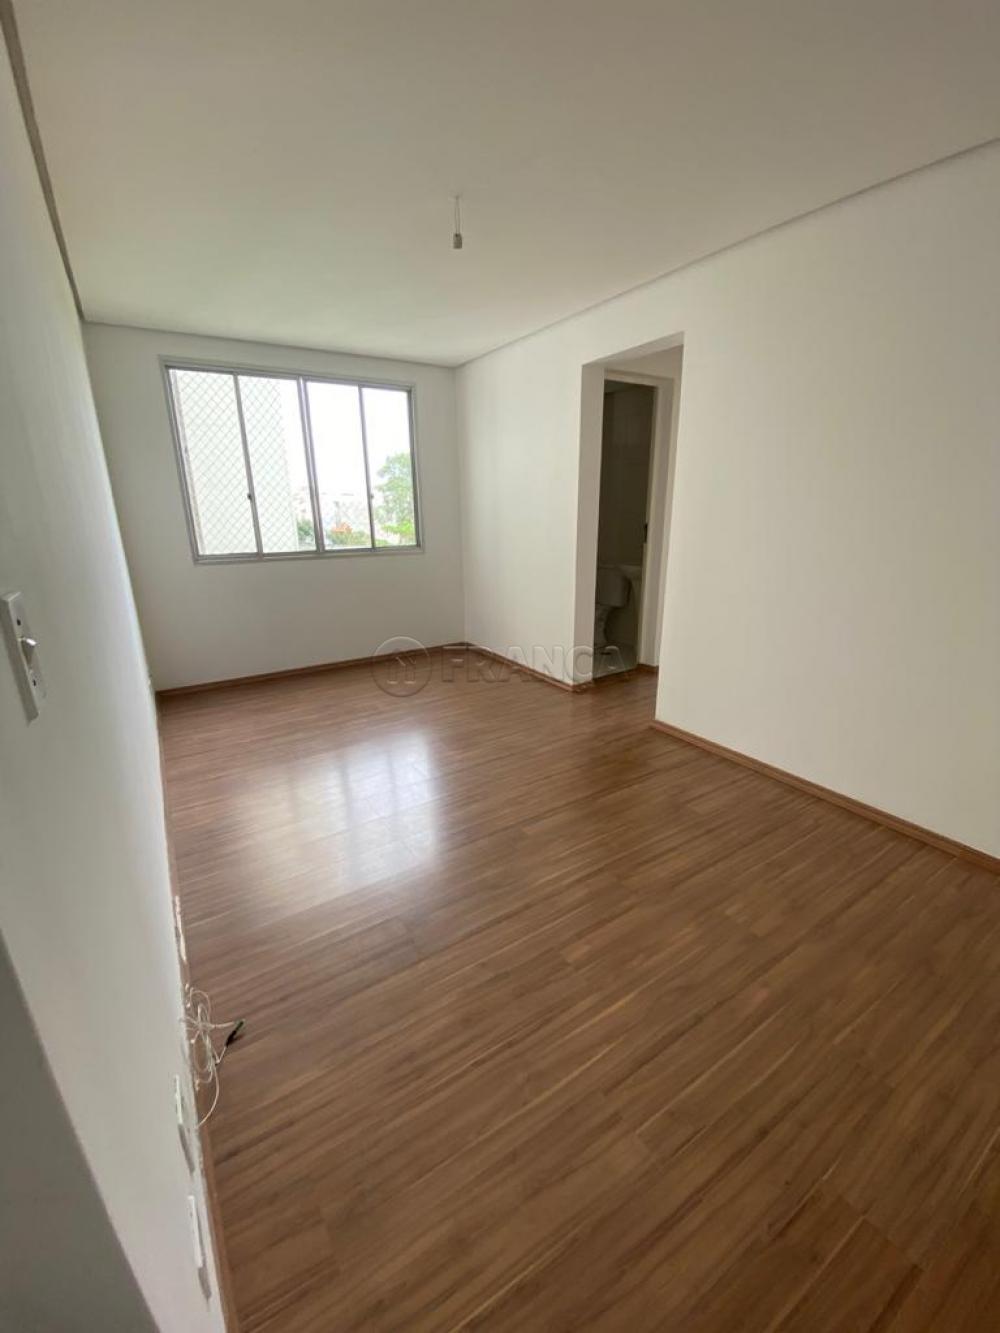 Alugar Apartamento / Padrão em São José dos Campos apenas R$ 800,00 - Foto 1